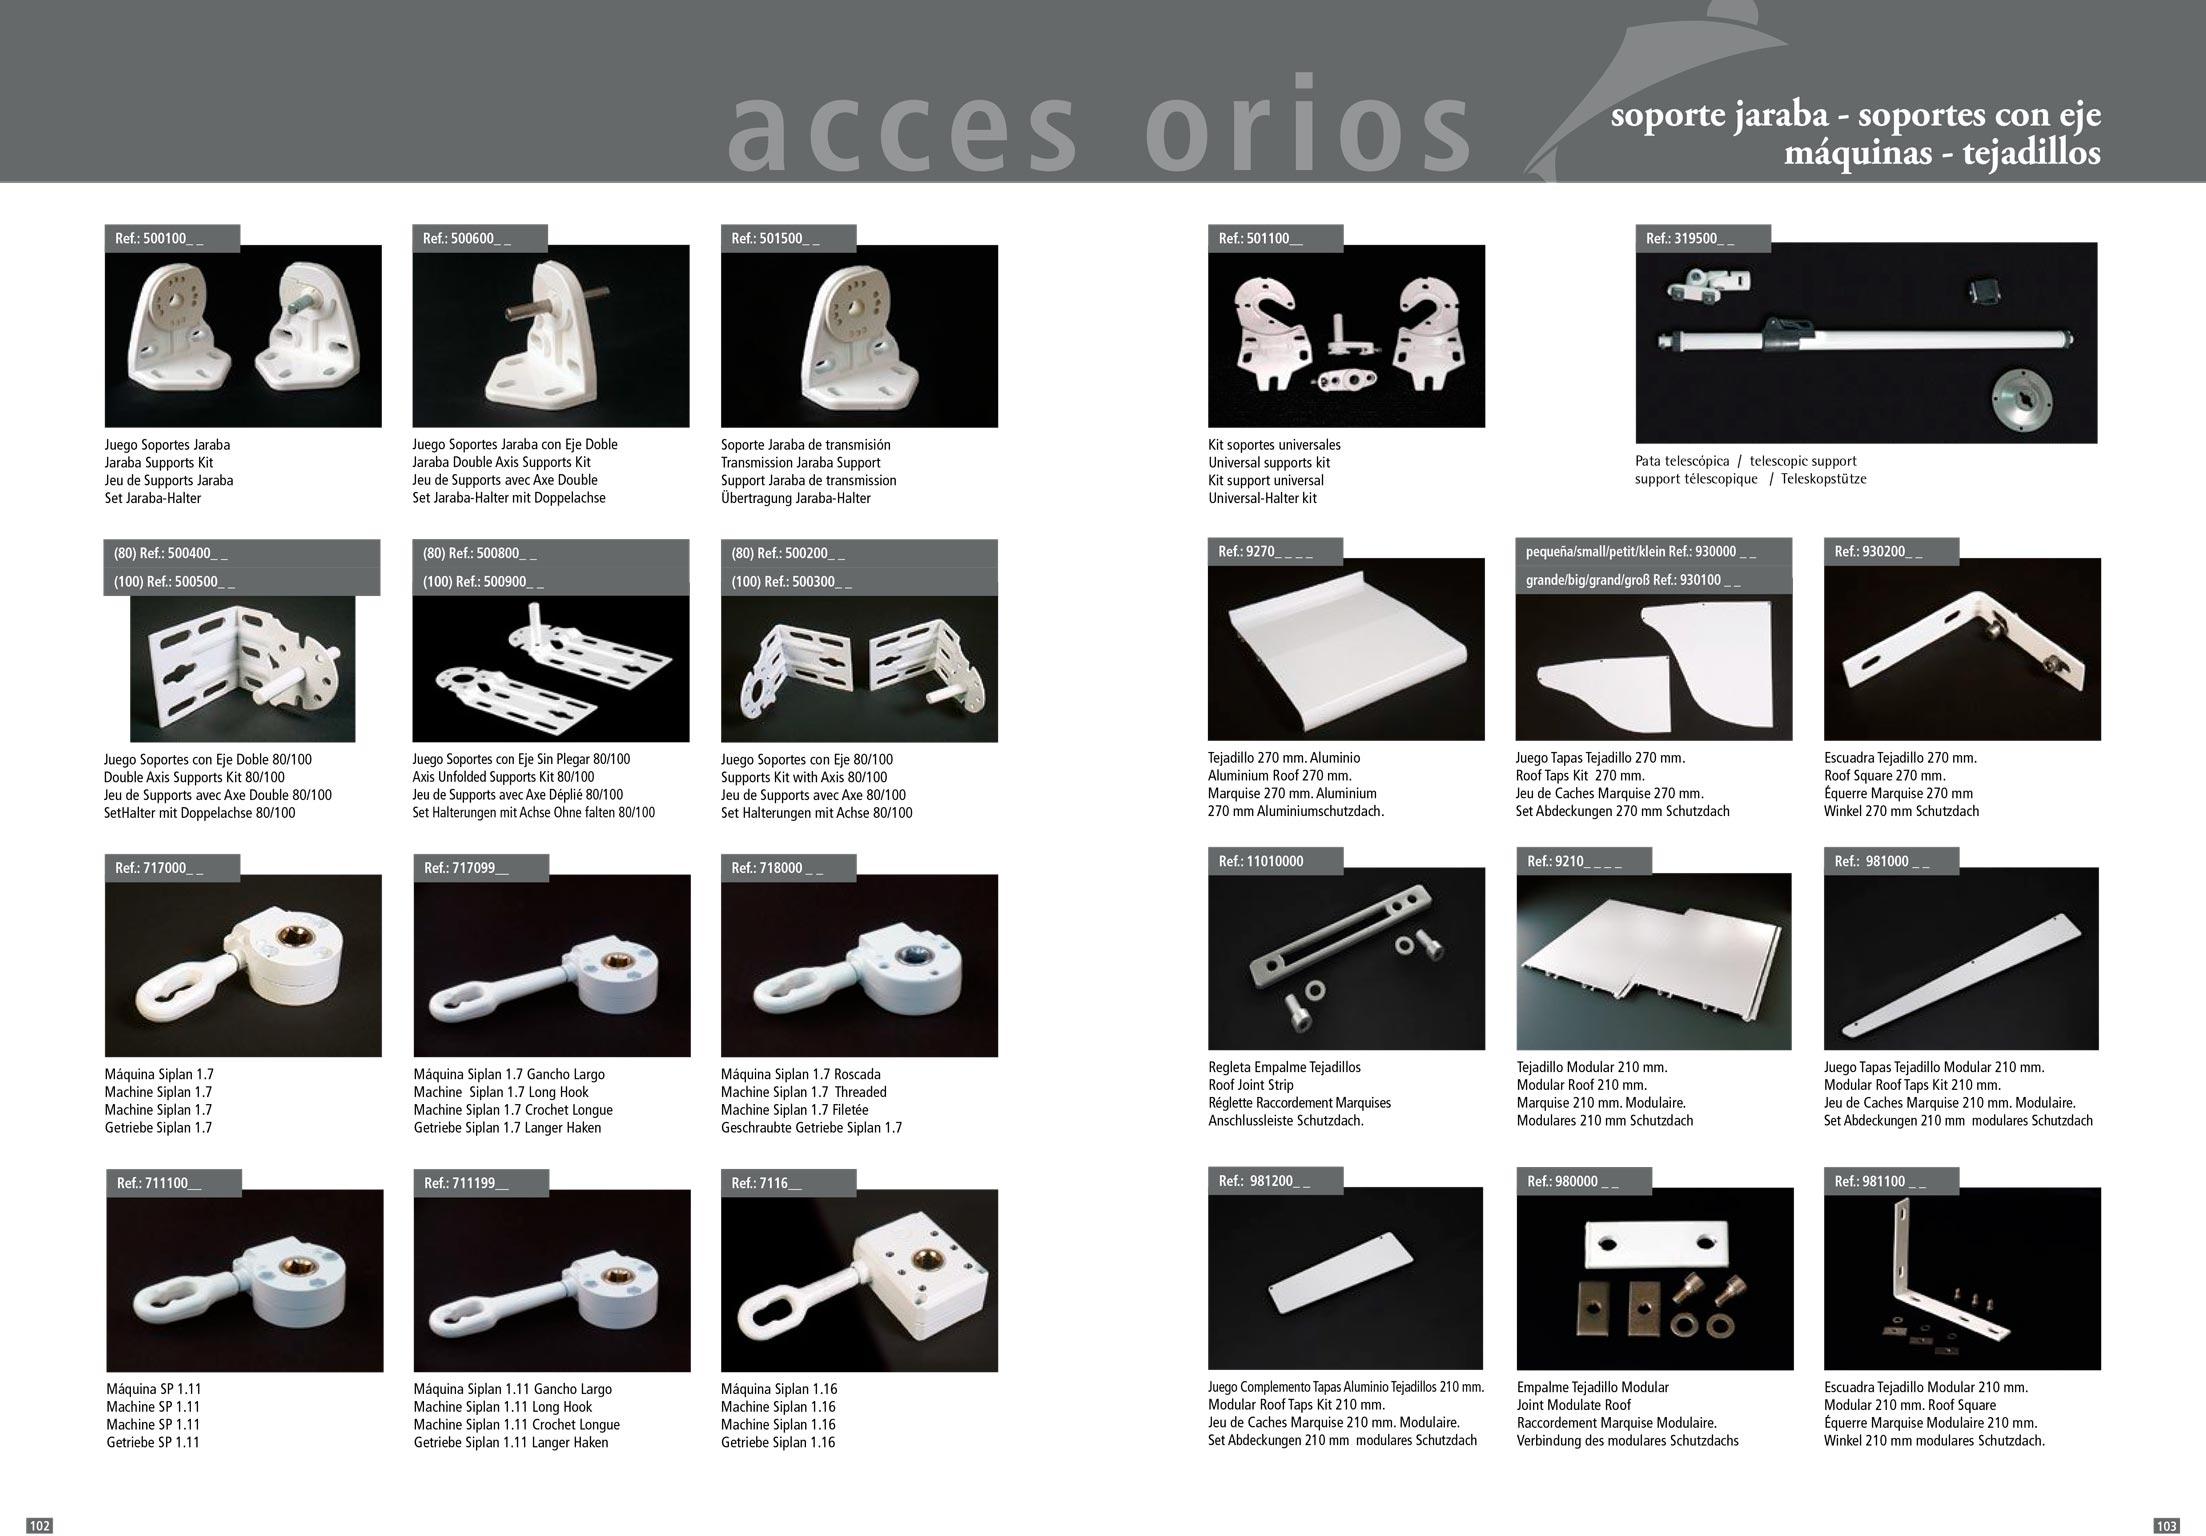 accesorios para toldos y verticales stadia store ForAccesorios De Toldos